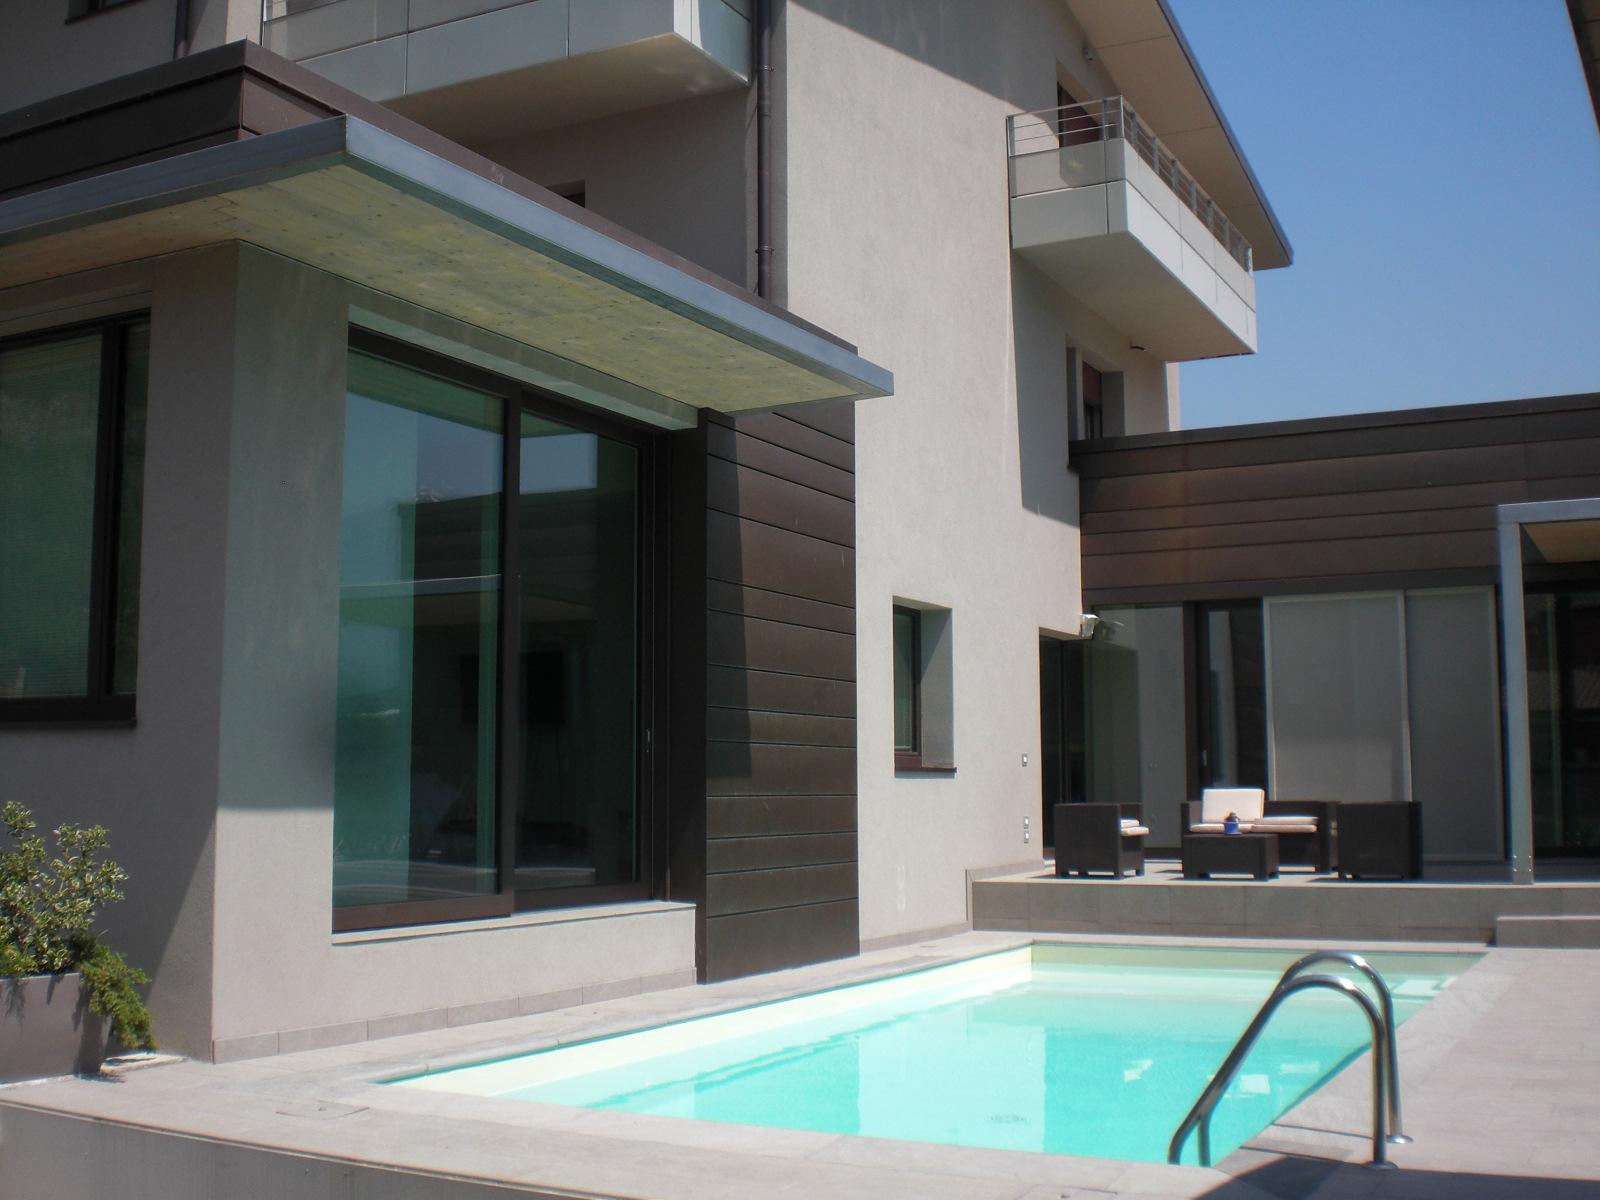 Studio-di-architettura-Baisotti-Sigala-prgetti81